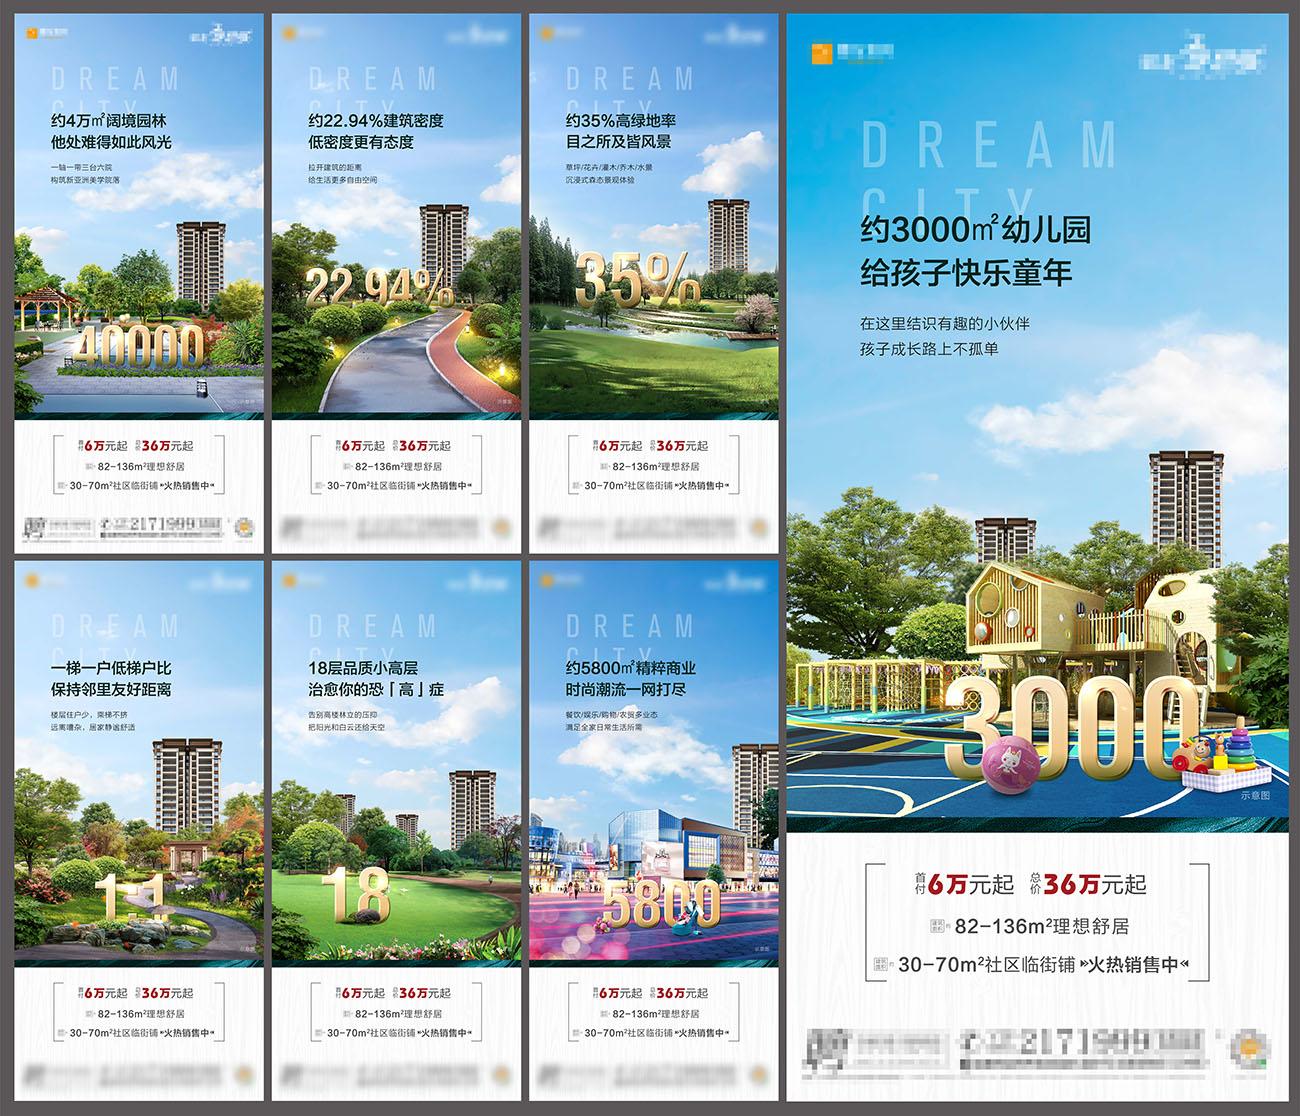 房地产园林低密住宅卖点海报PSD源文件插图